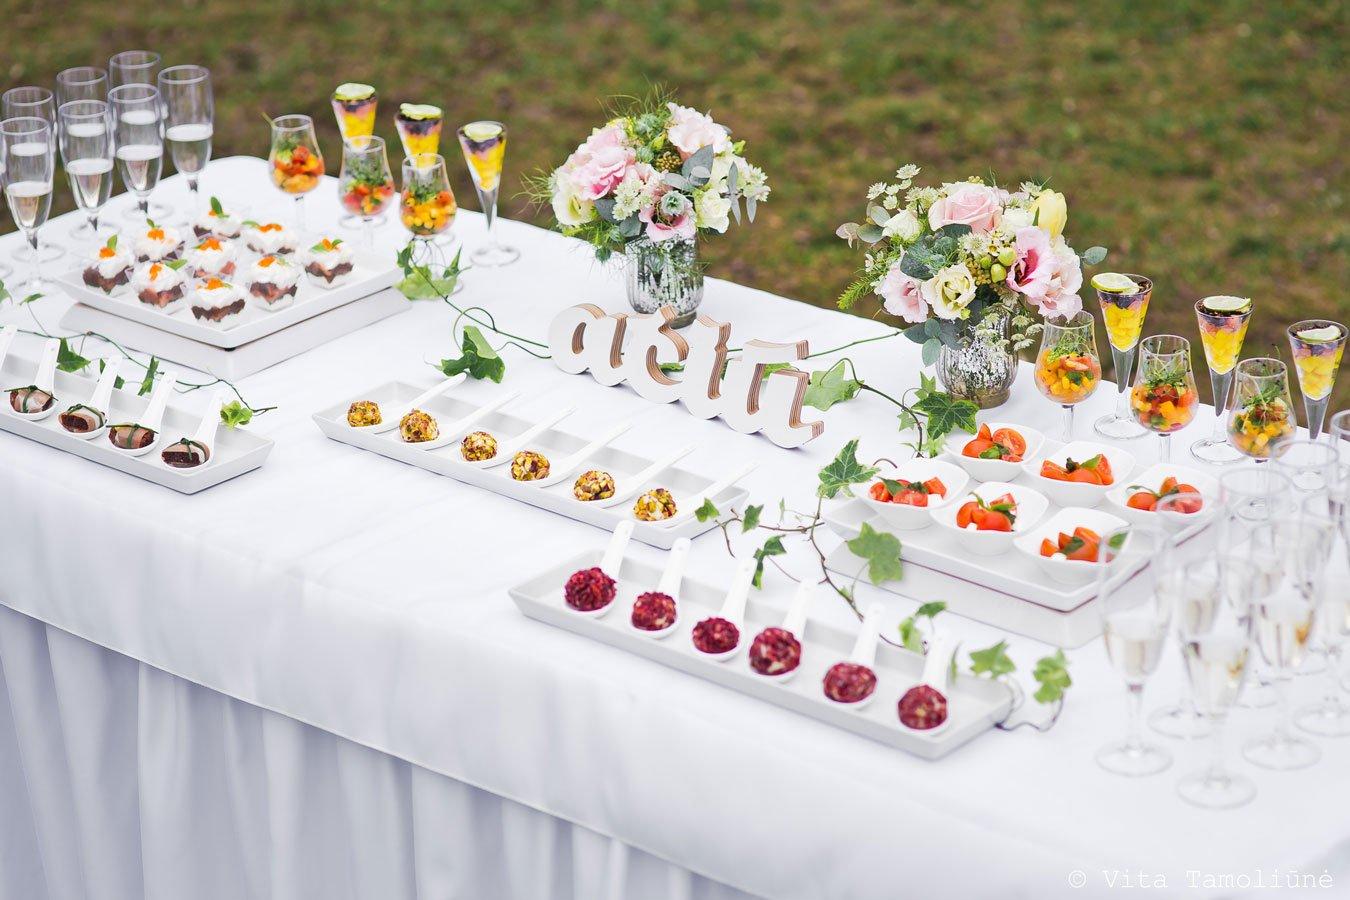 Food Projects - vieno kąsnio užkandžiai vestuvėms